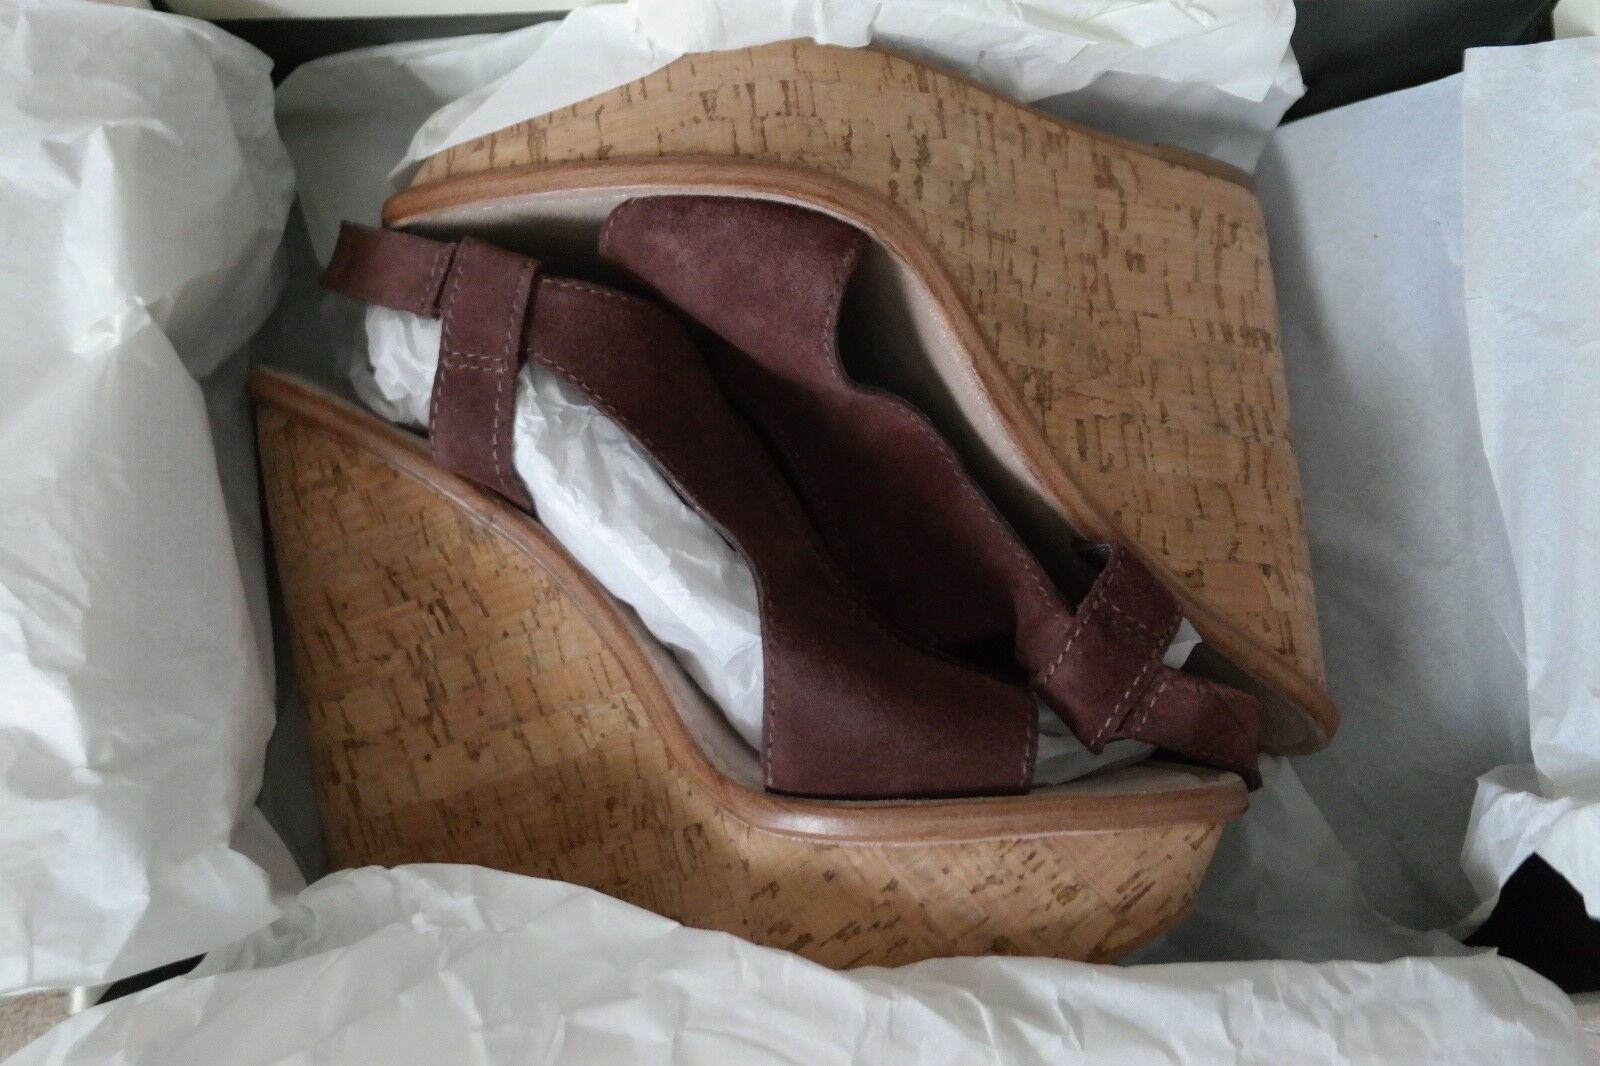 Talla 10B, cuero, marrón claro, zapatos cuneiformes diseñados por Elizabeth y James.